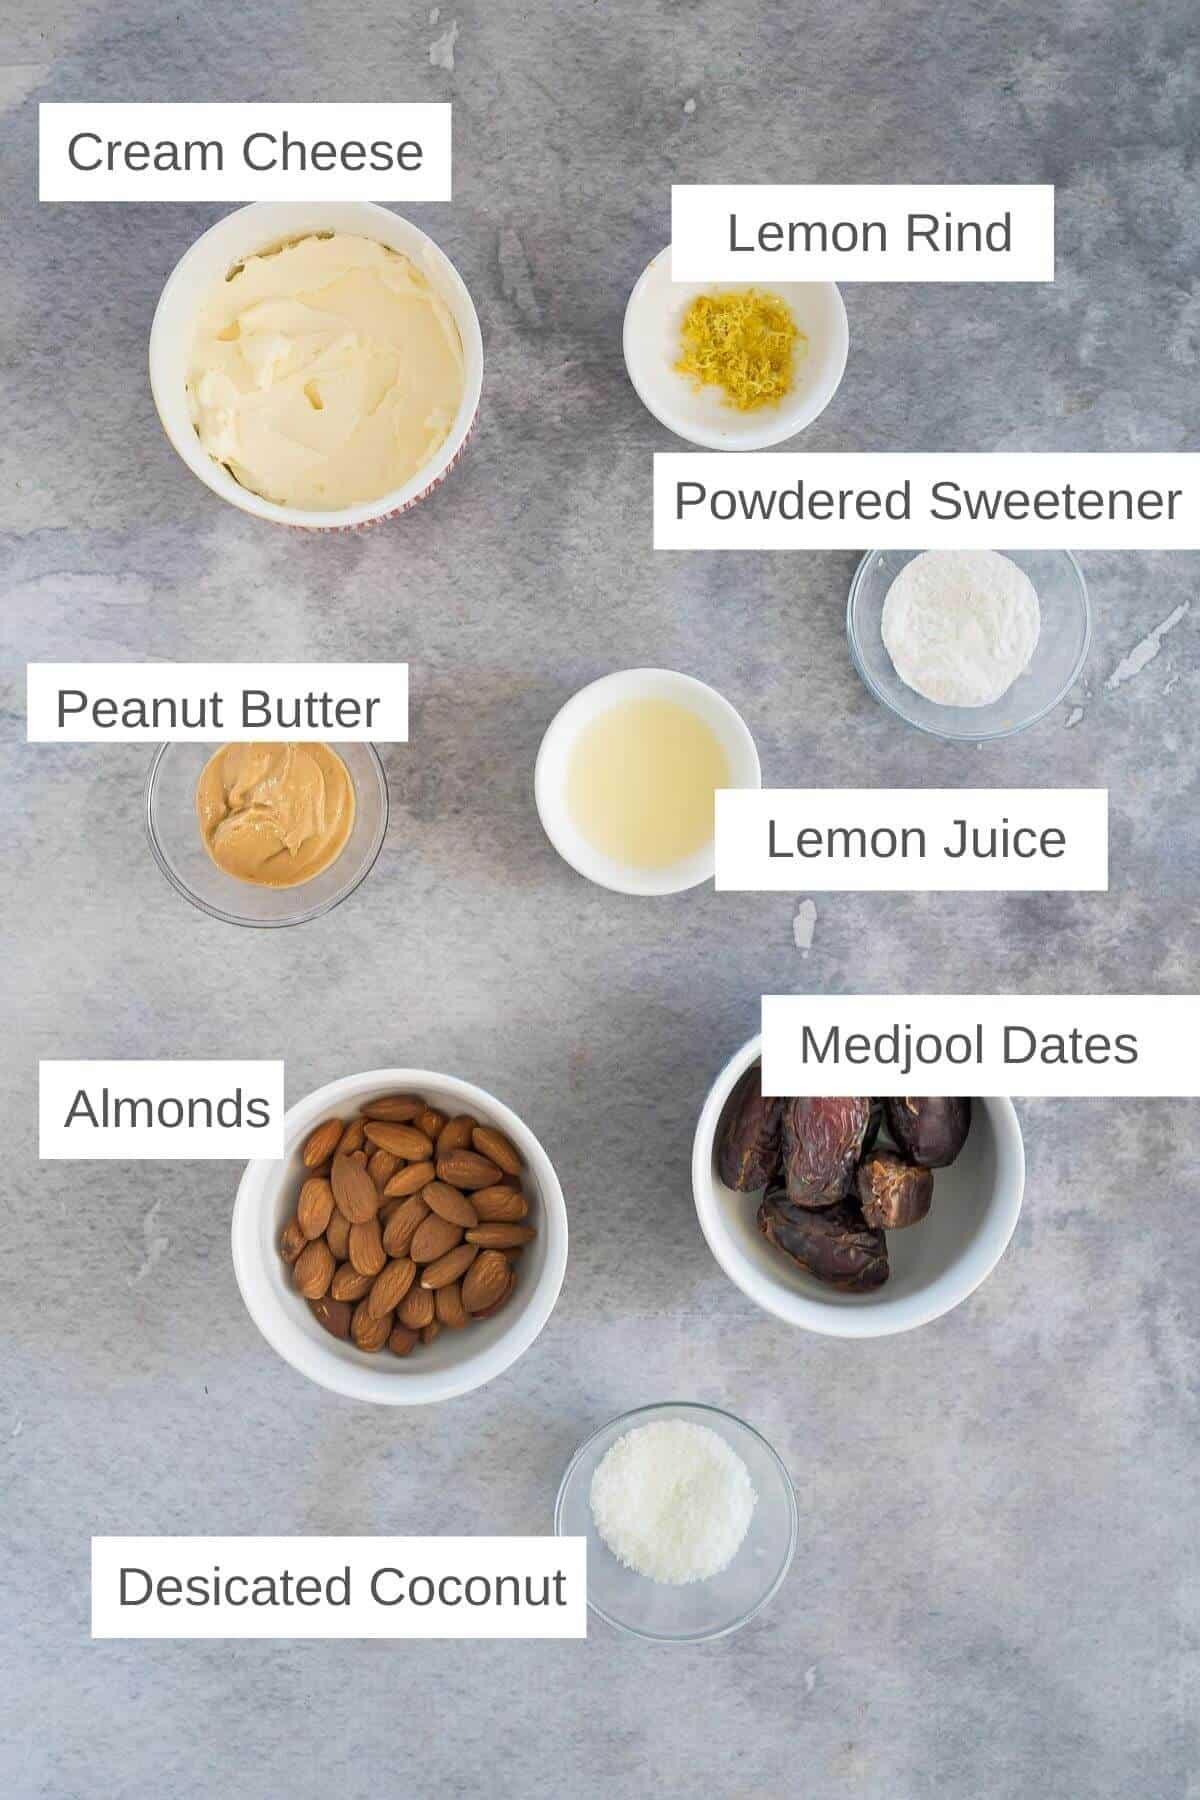 Ingredients to make mini lemon cheesecake bites